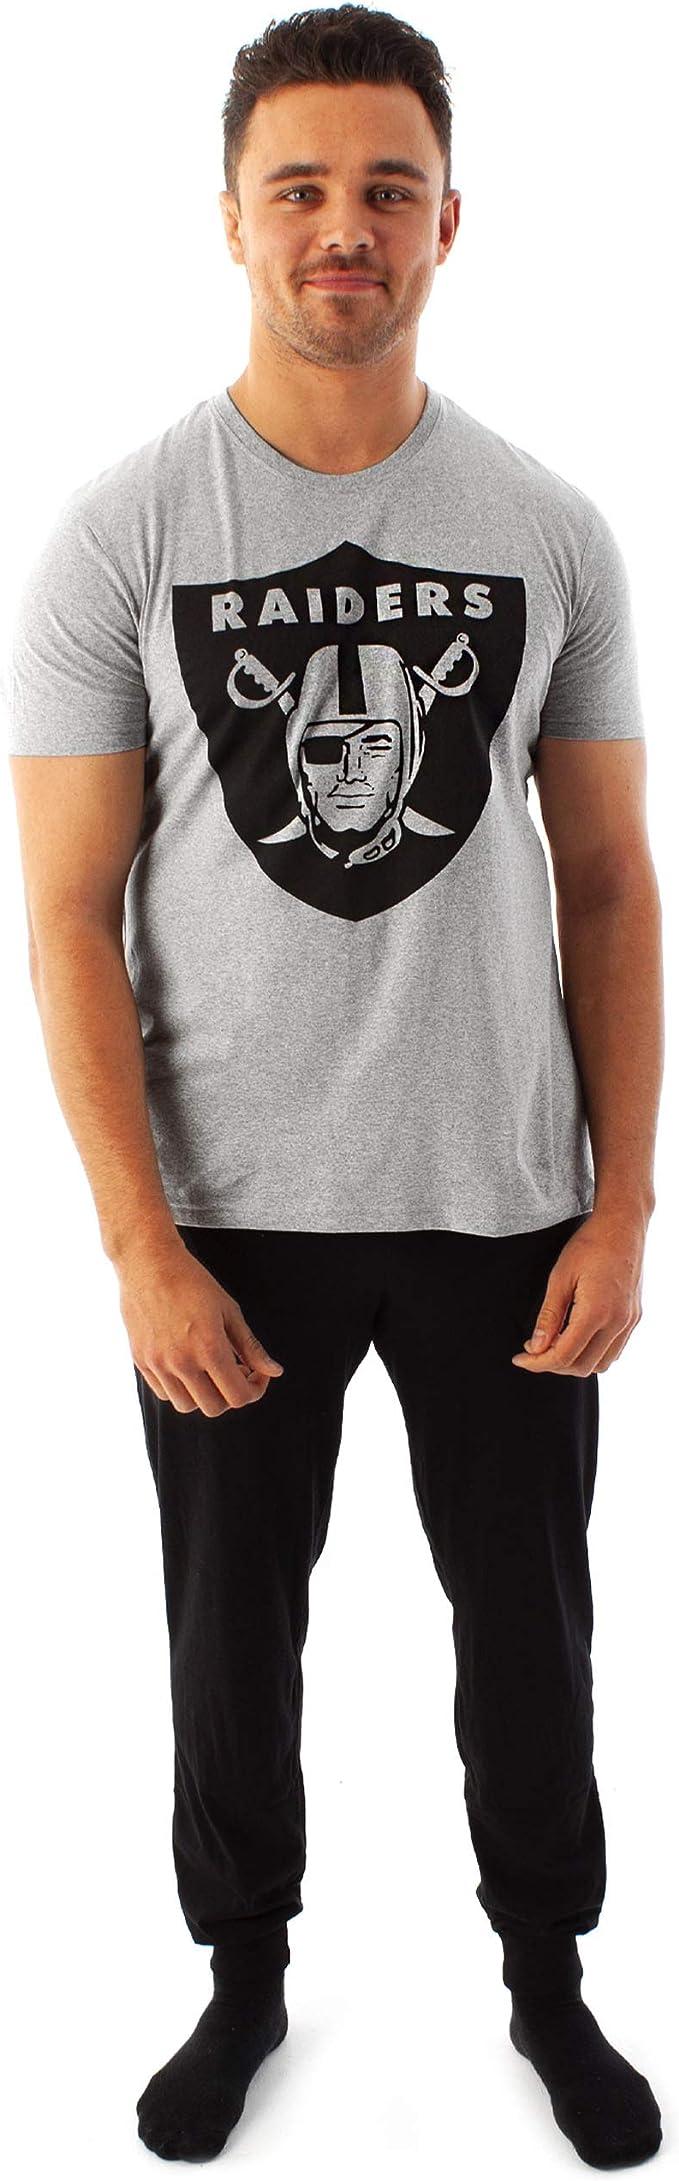 NFL Camiseta y Pantalones de fútbol para Hombre Vegas ...